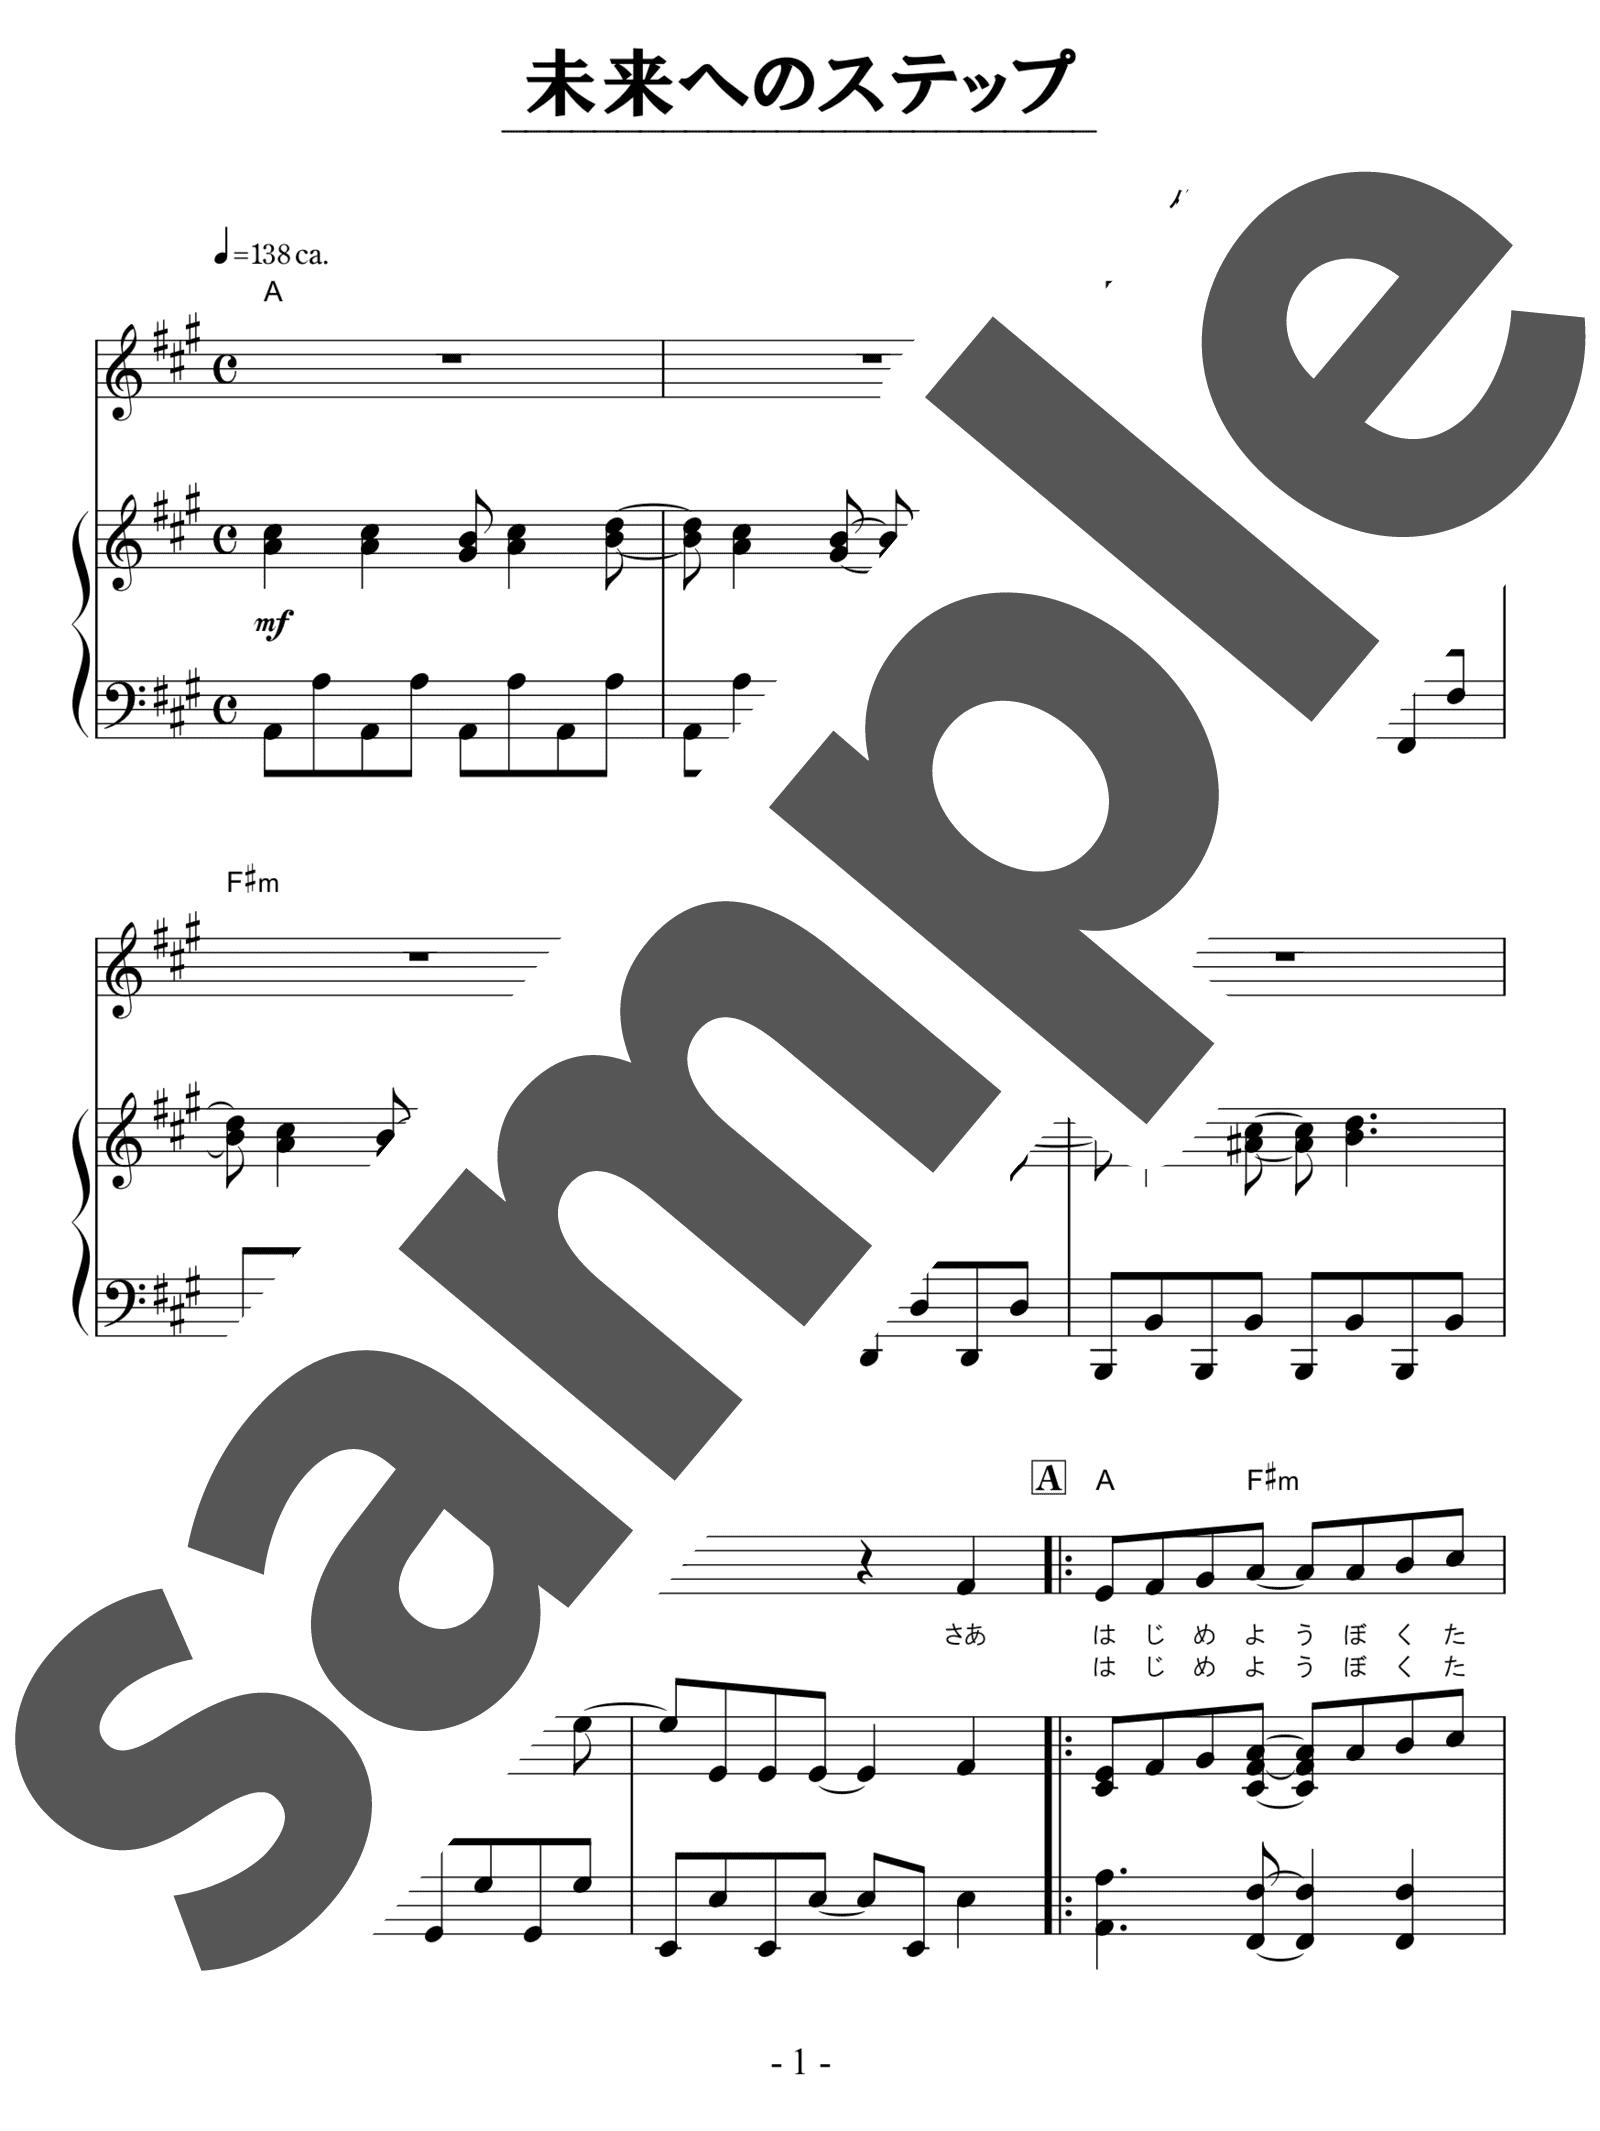 「未来へのステップ」のサンプル楽譜